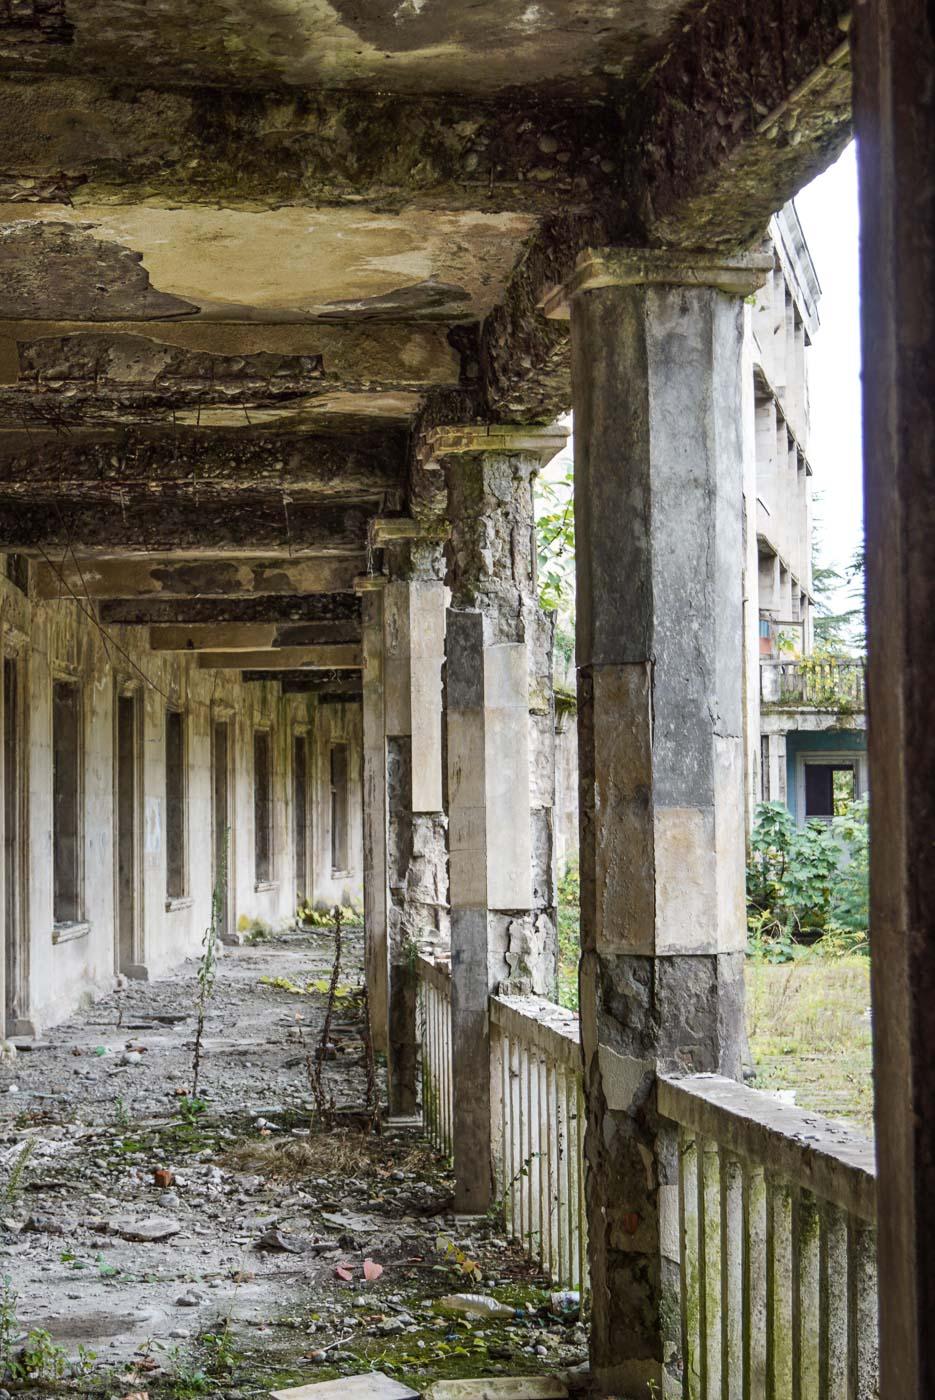 Zu sehen ist die außen Galerie eines bogenförmigen Sanatoriums. Überall bröckelt der Putz von den Wänden der sich am Boden sammelt, vereinzelt wachsen größere Pflanzen aus dem Boden.